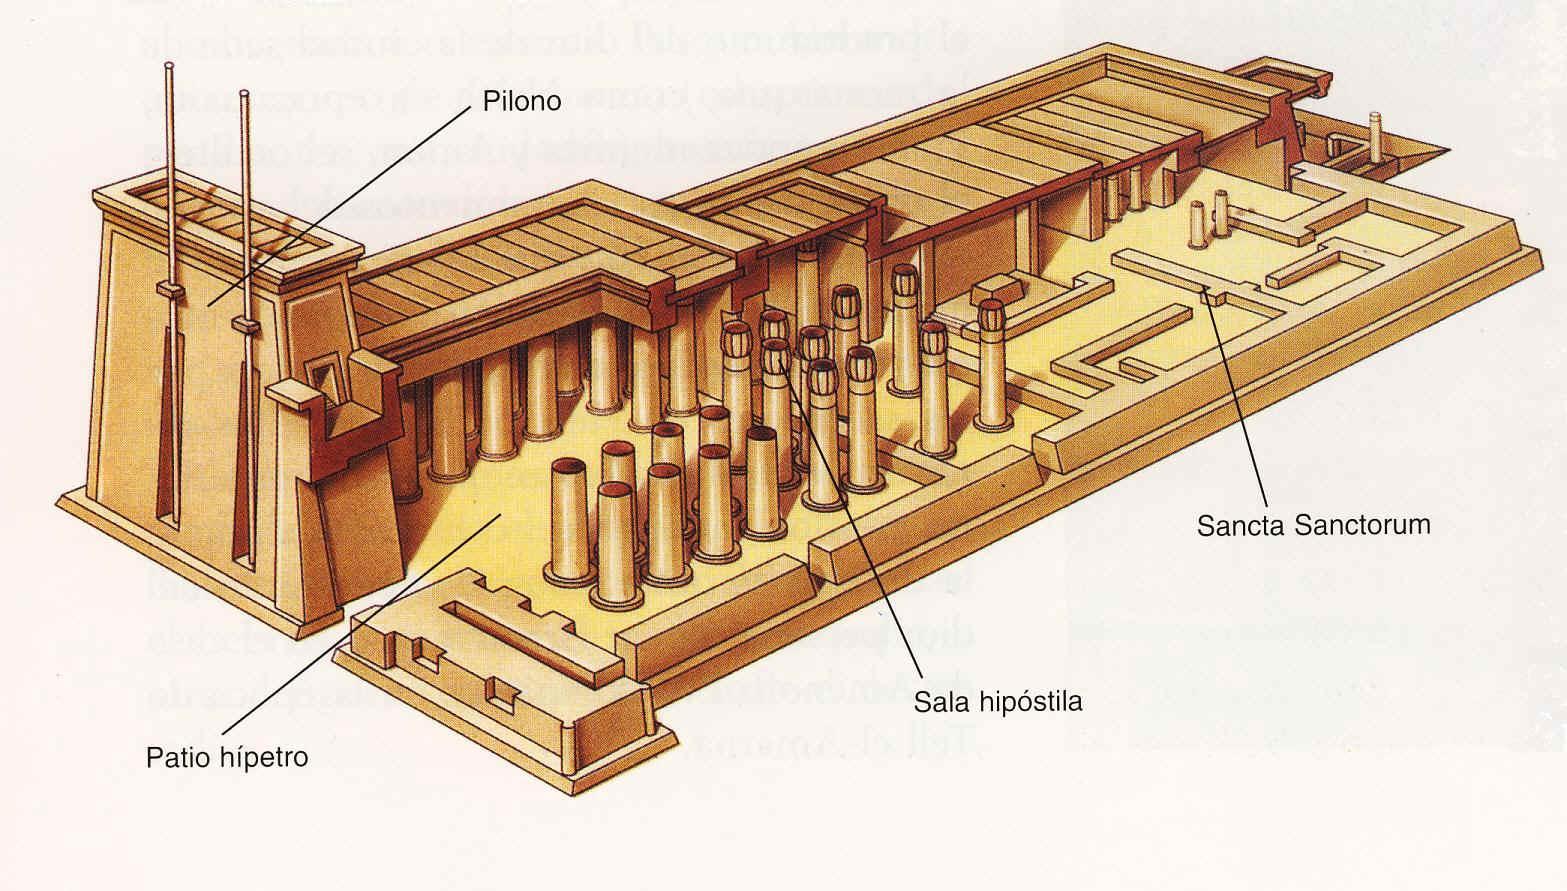 Historia del arte colegio la ense anza medellin for Arquitectura griega templos